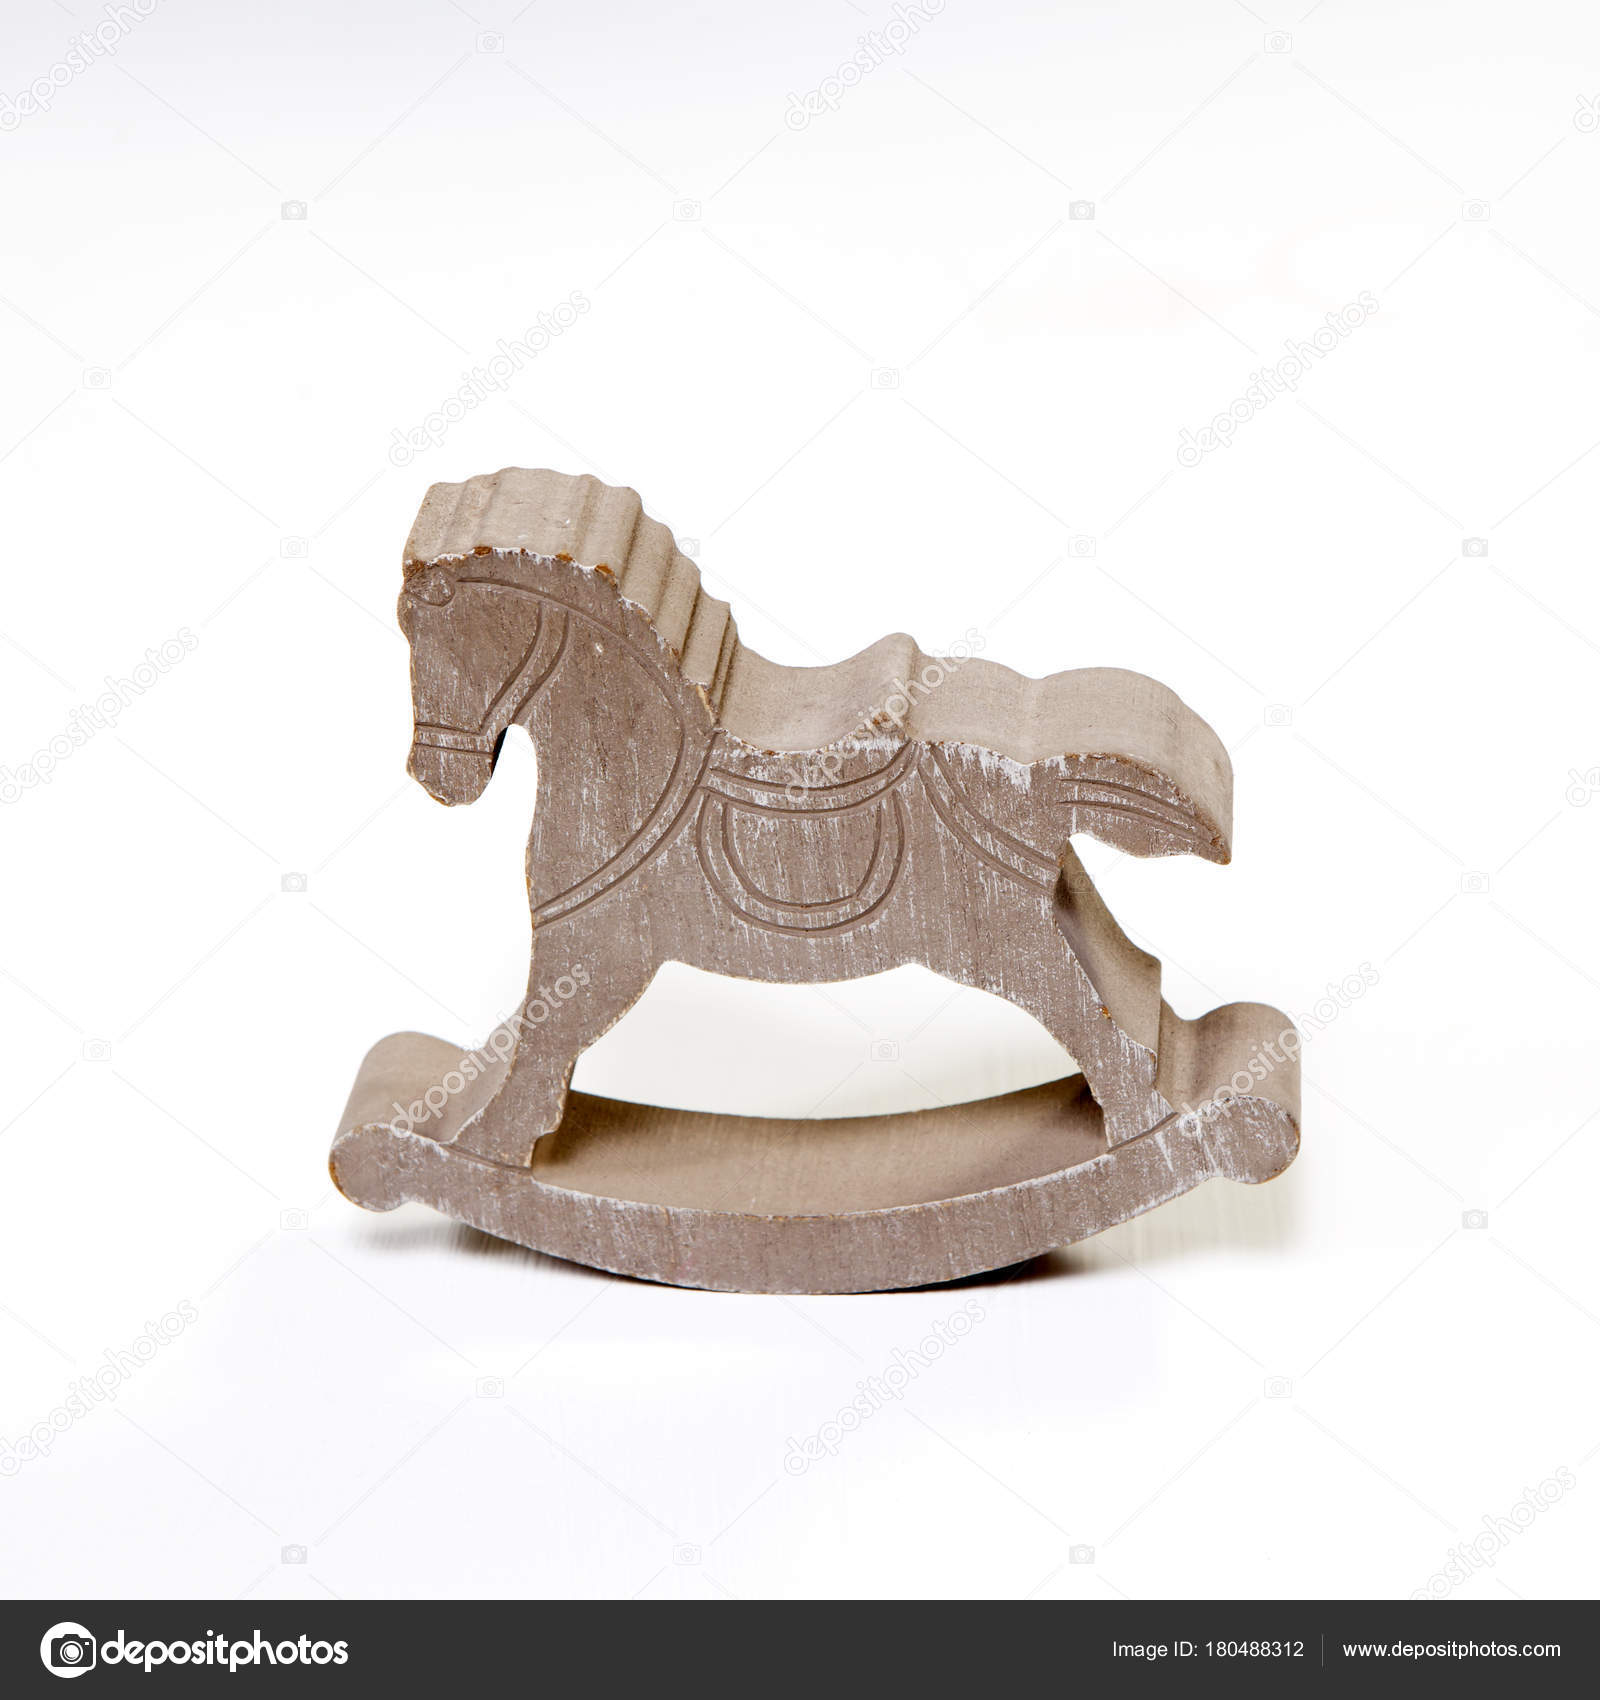 Cavallo A Dondolo Artigianale.Classico Cavallo A Dondolo In Legno Artigianale Su Sfondo